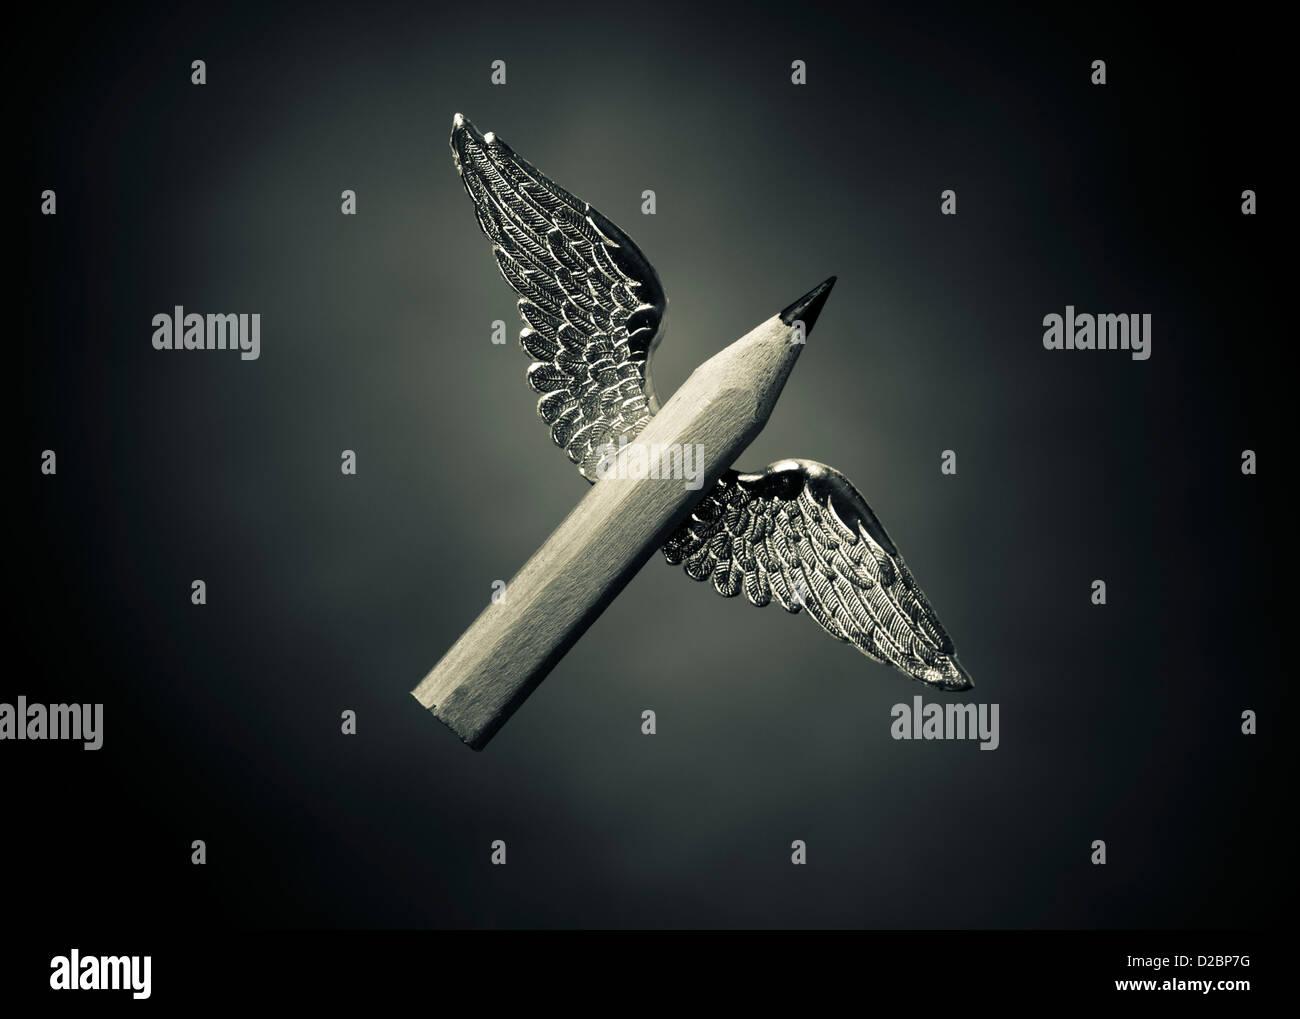 Palavras alado - Conceito de Escrita Criativa. A uma curta distância de lápis com asas. Imagens de Stock